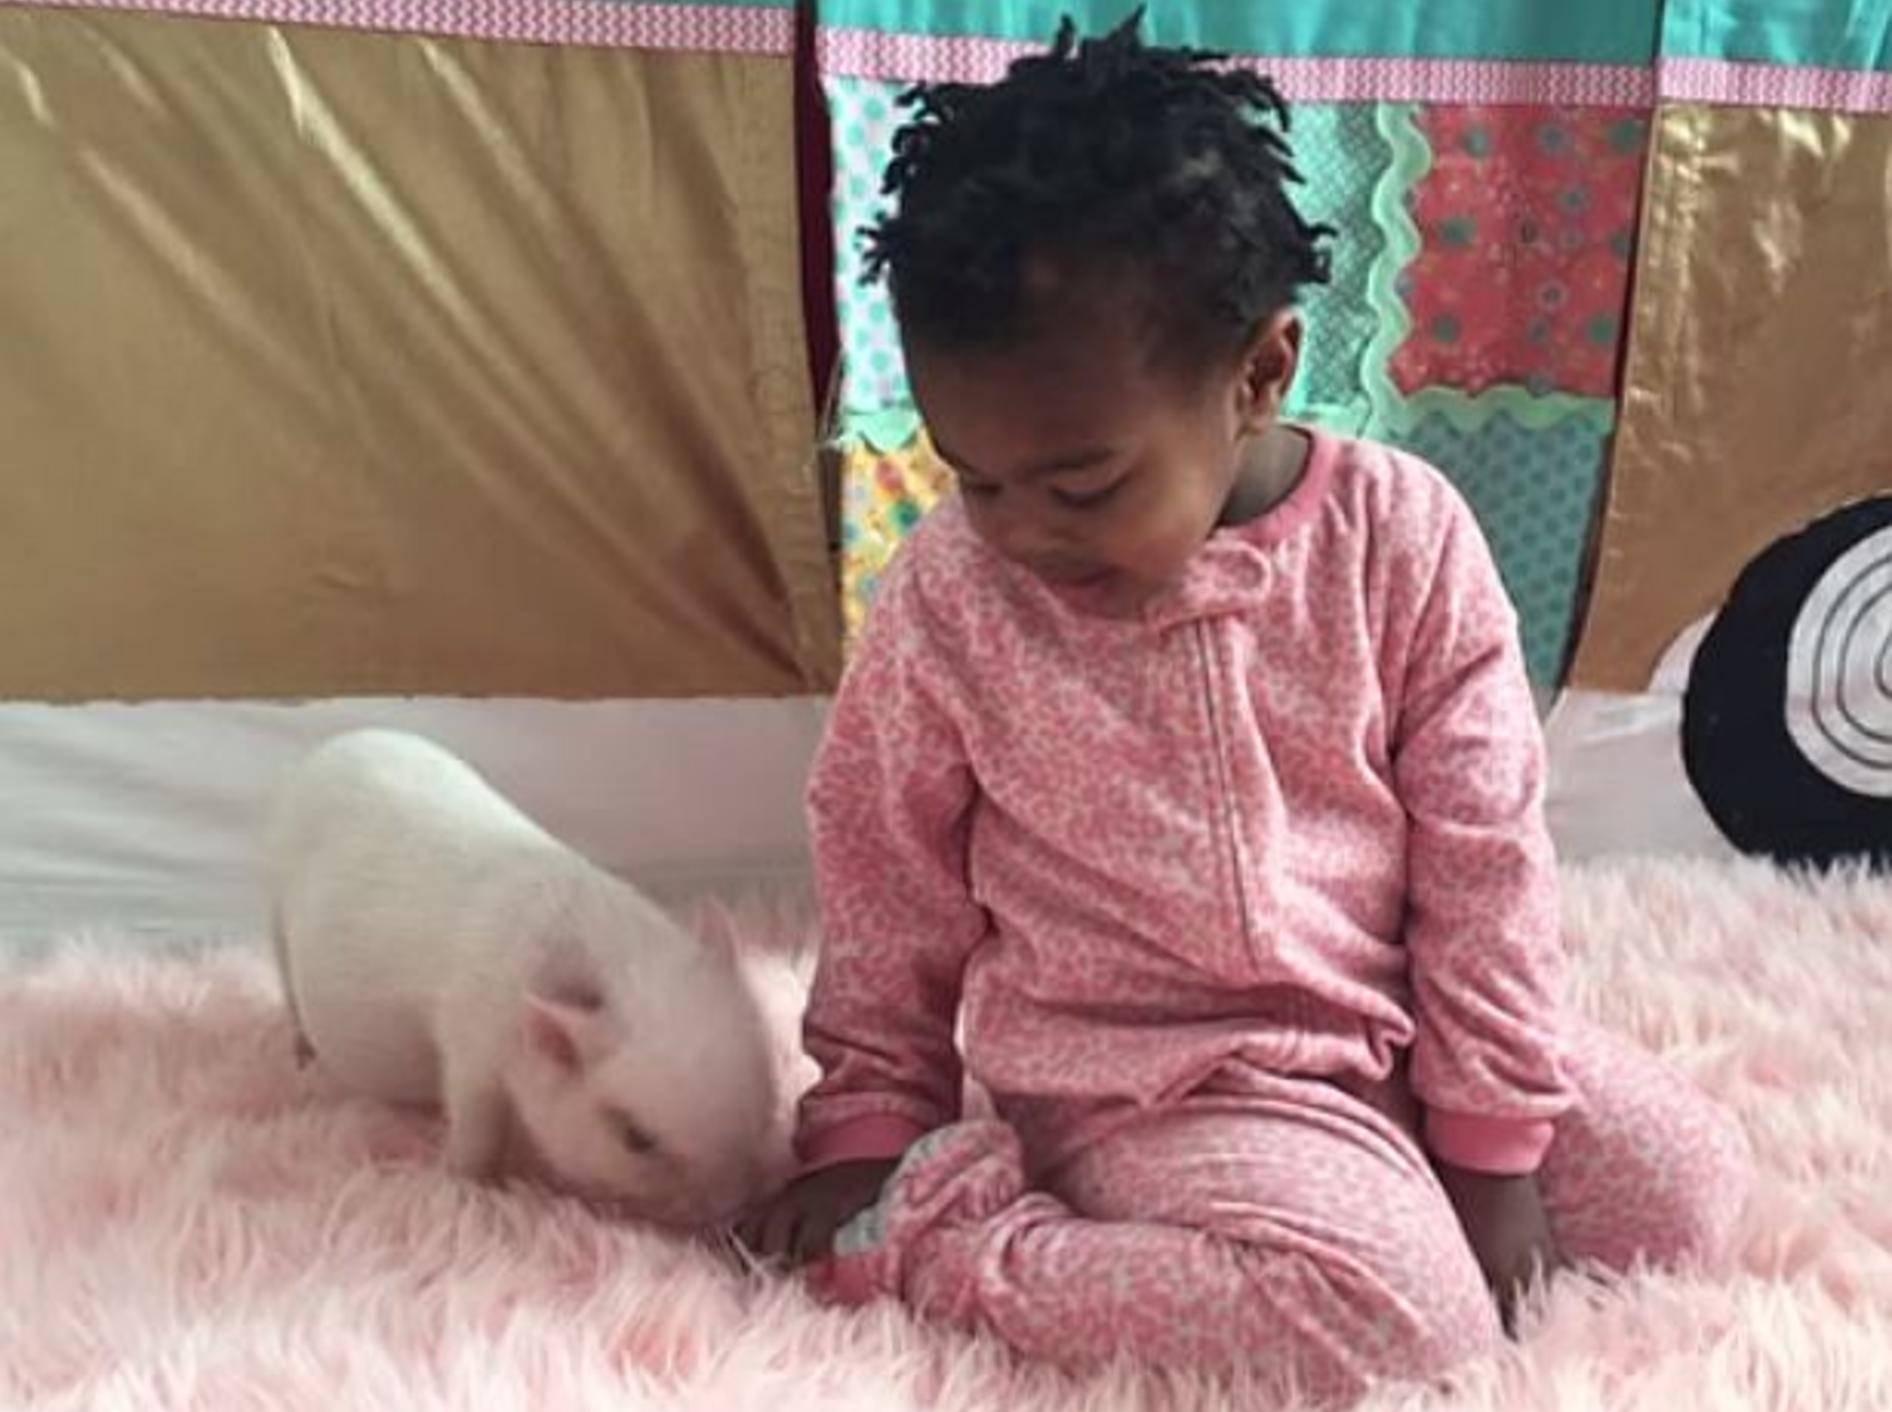 Supersüße Freunde: Kleinkind und Minischwein – Bild: Youtube / Live Sweet